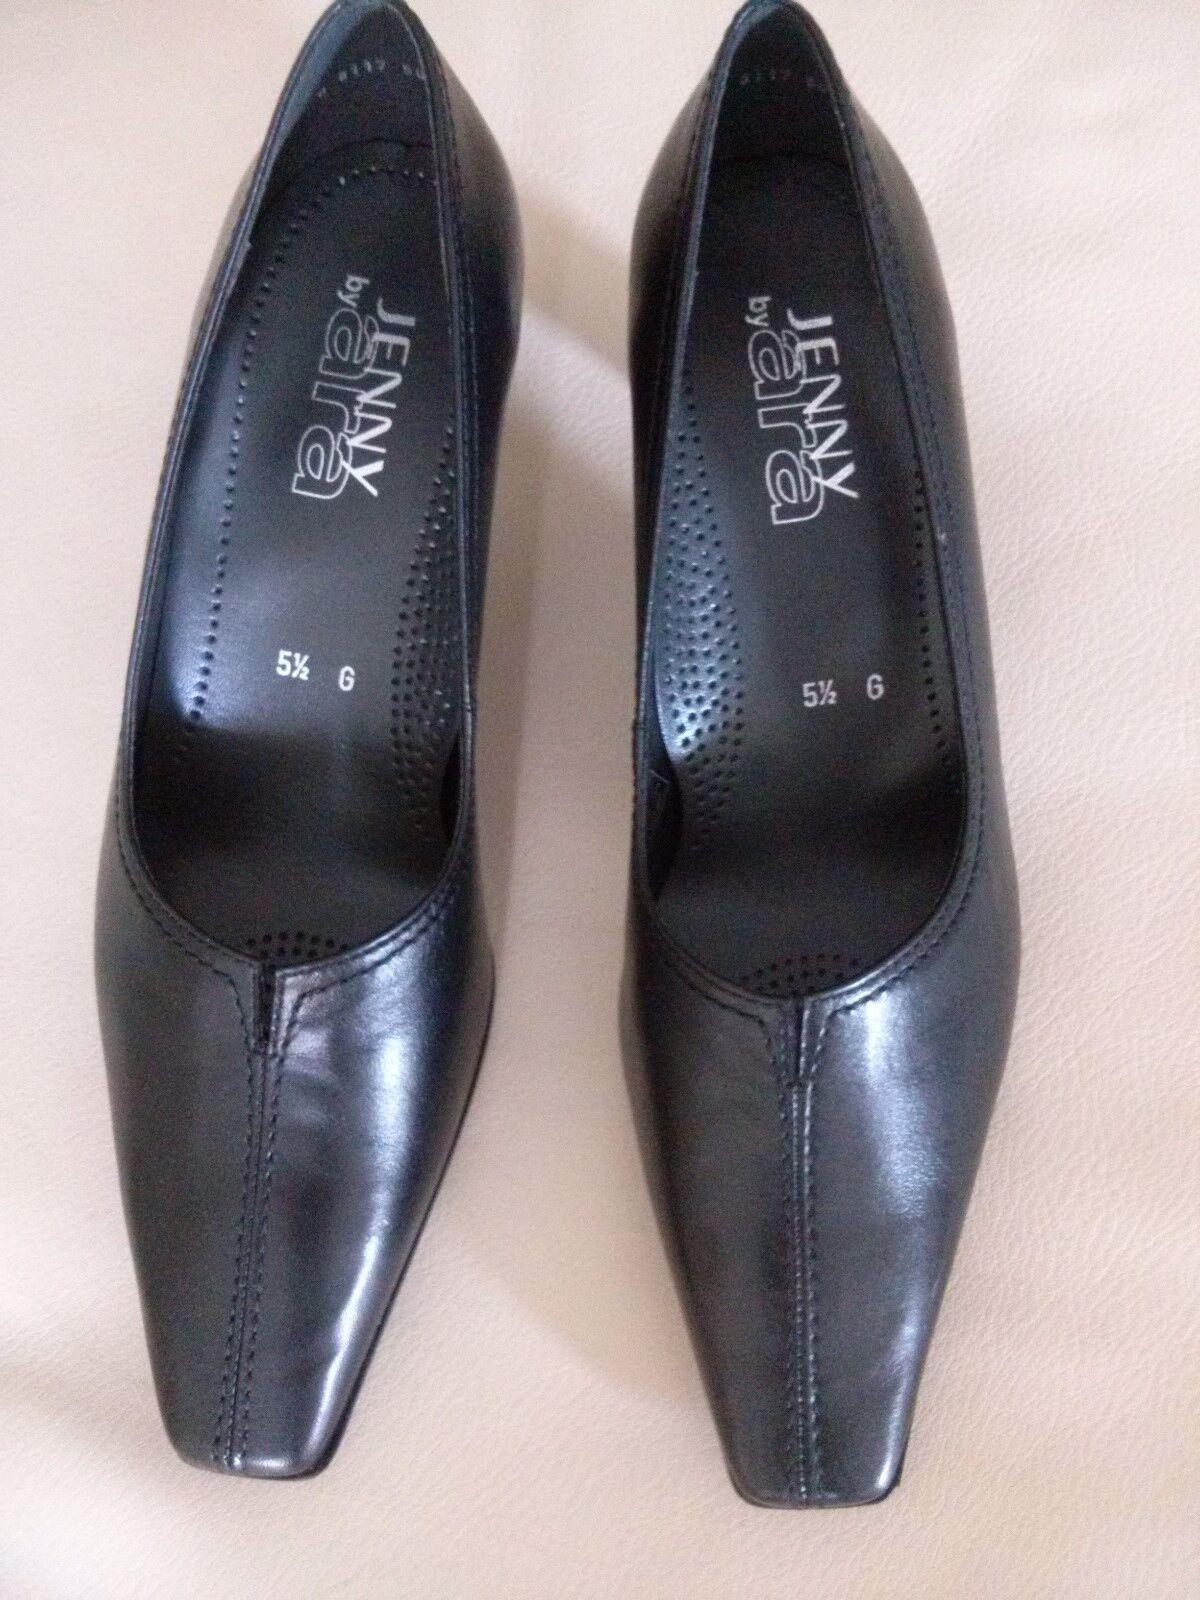 Schuhe (Pumps), ara, Leder, schwarz, Gr. 5 ½, NEU